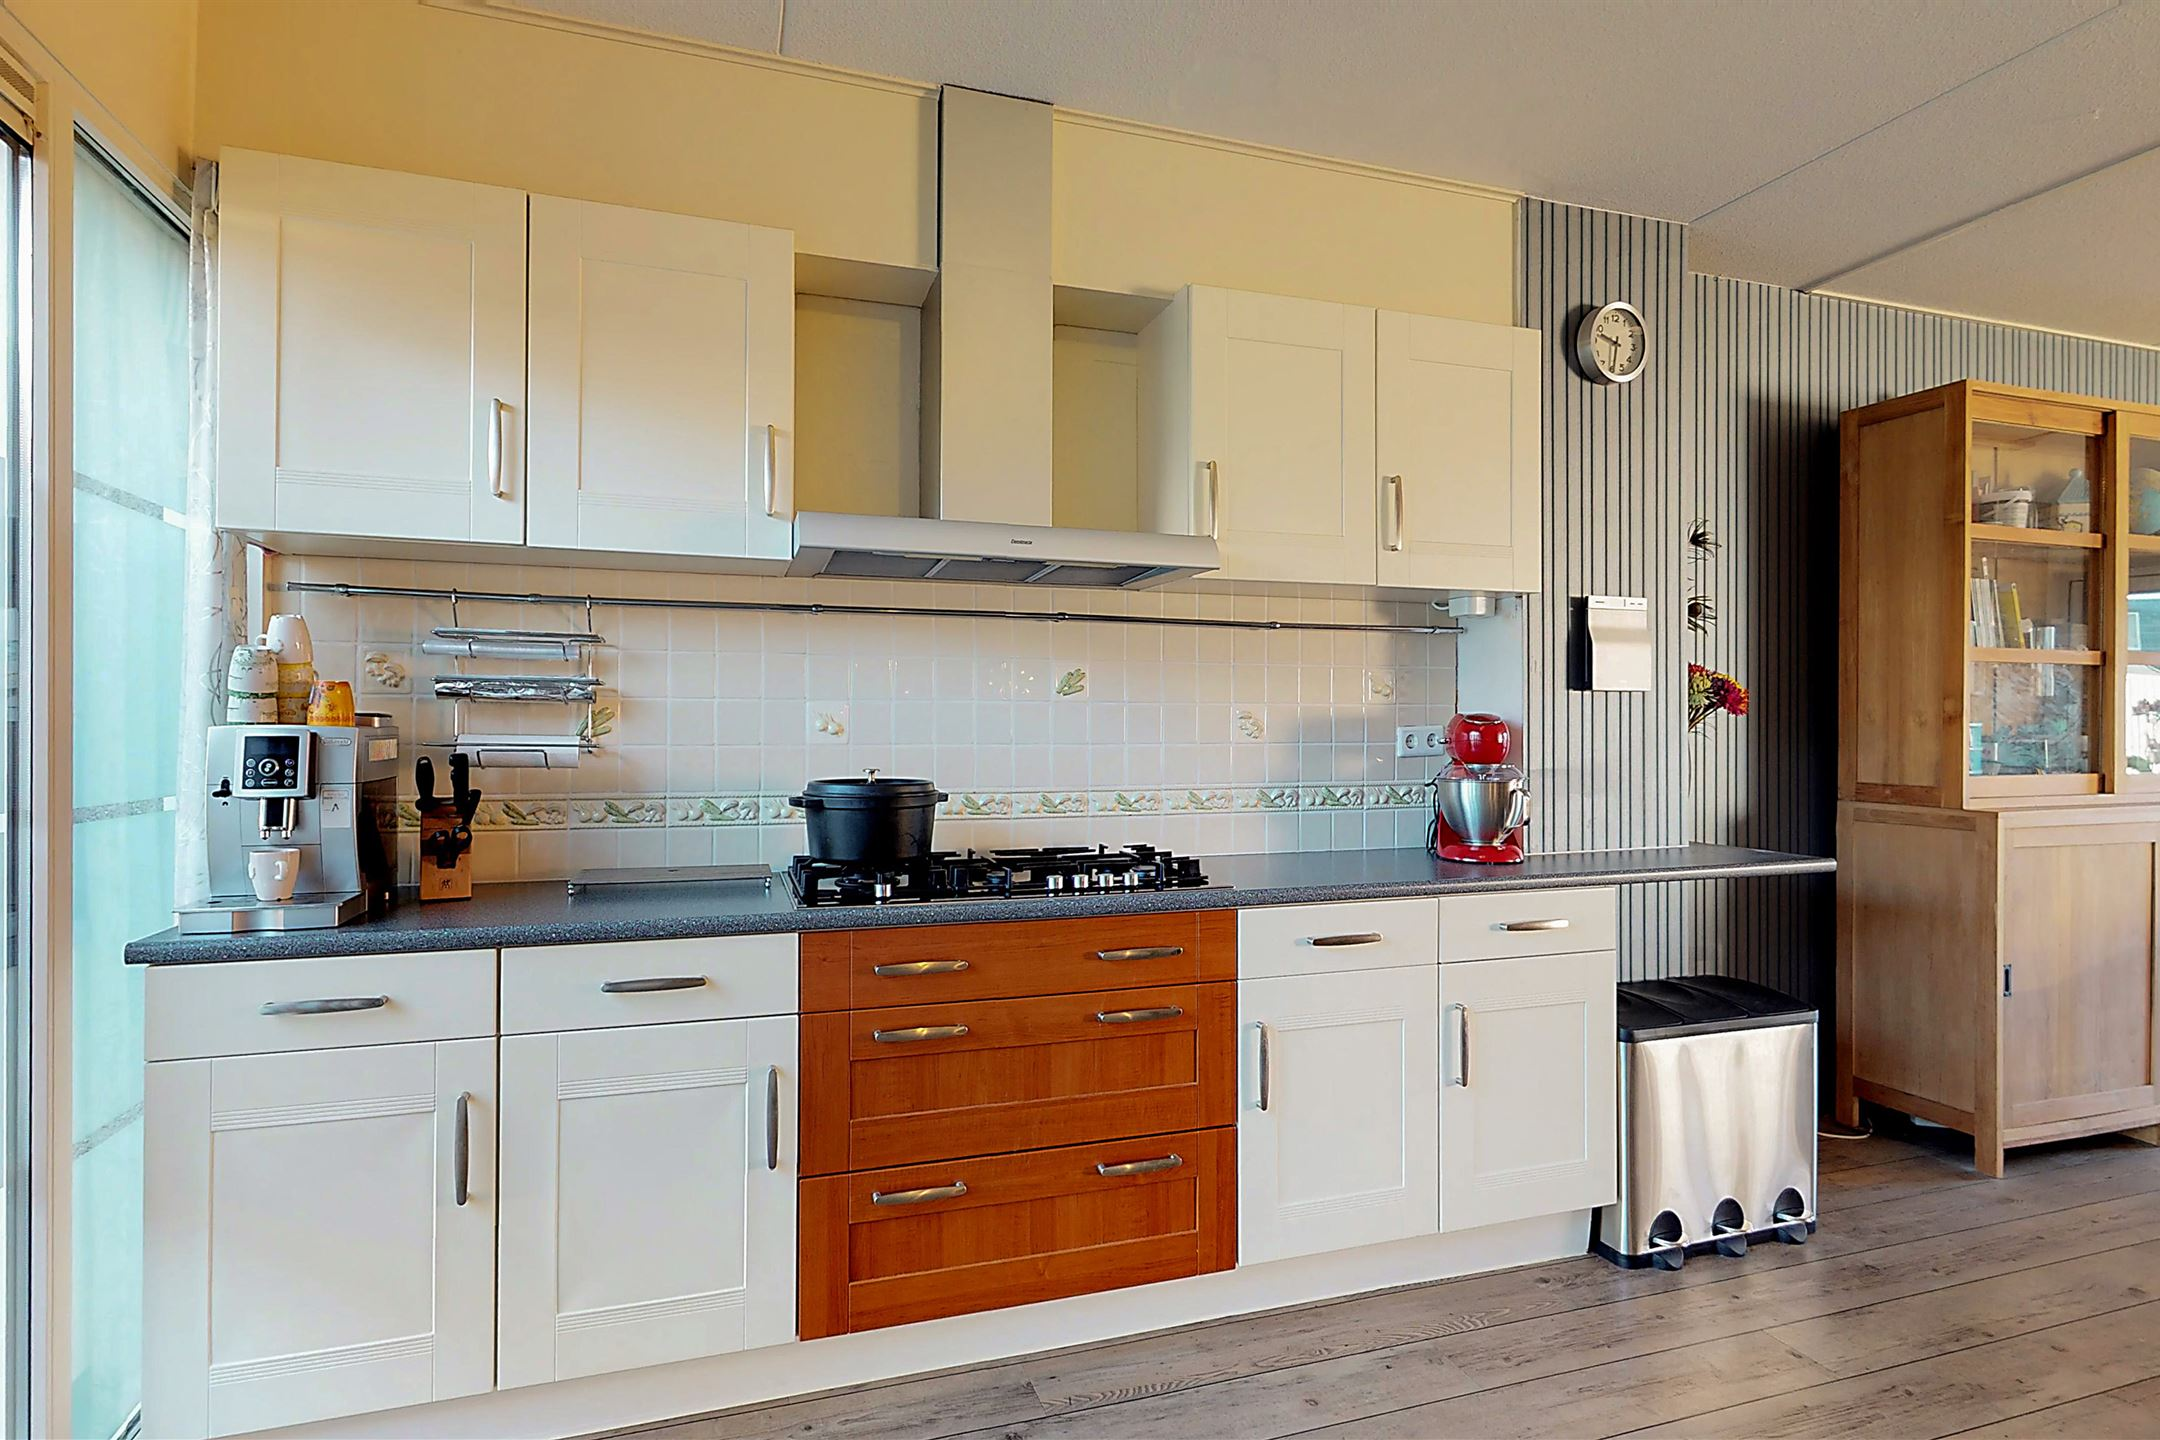 Keuken Design Emmeloord : Huis te koop capellastraat bs emmeloord funda